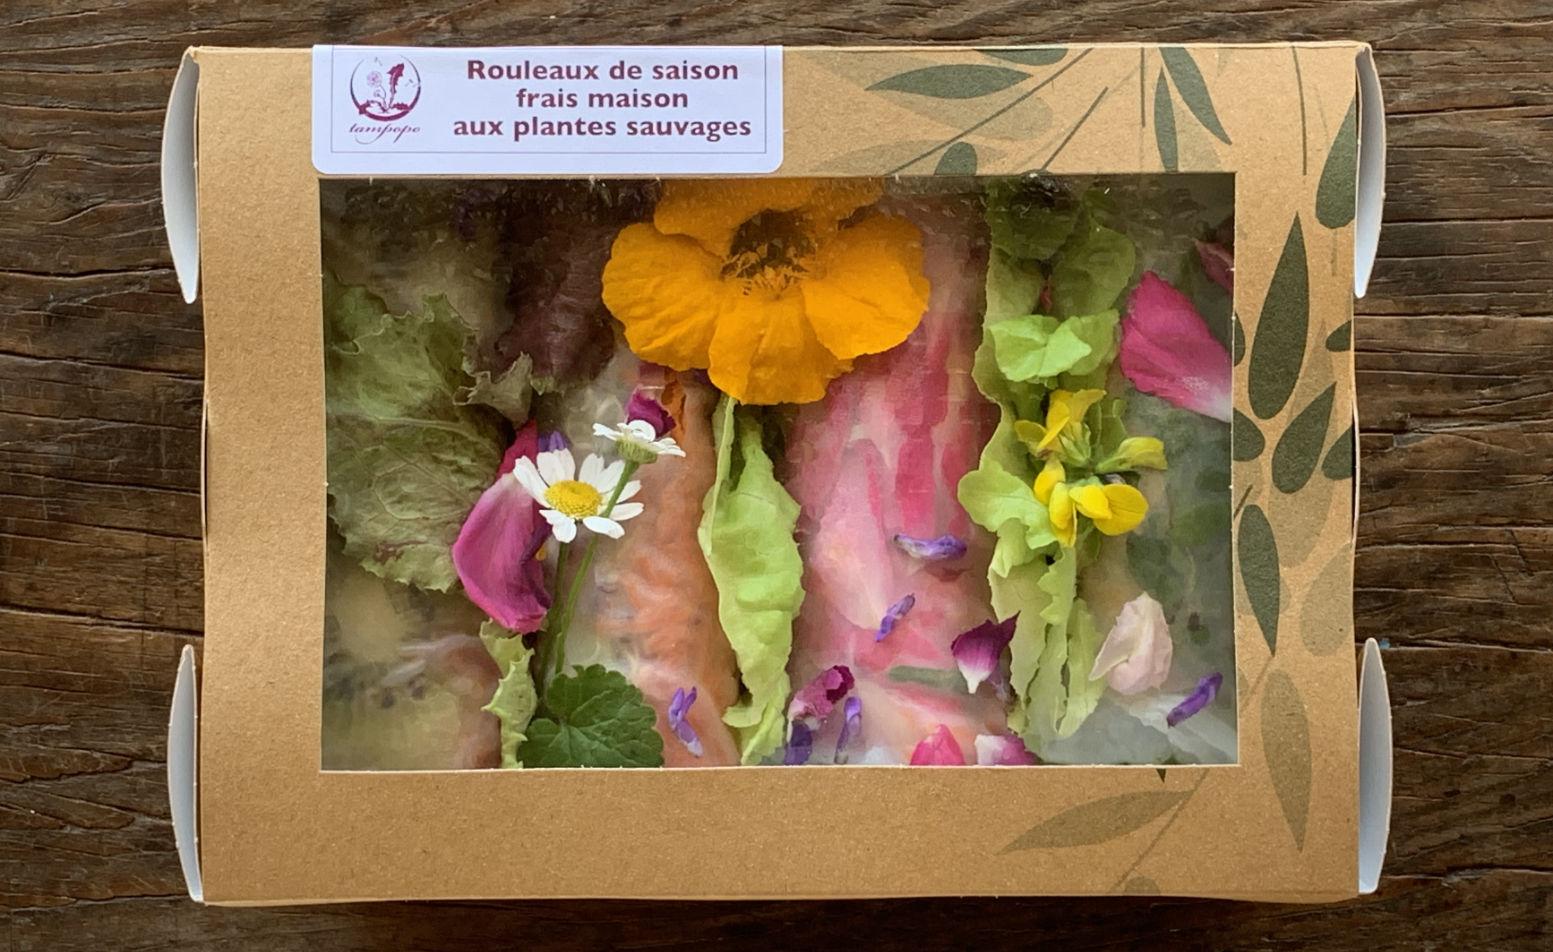 Rouleaux de saison : composition végétale, lot par lot